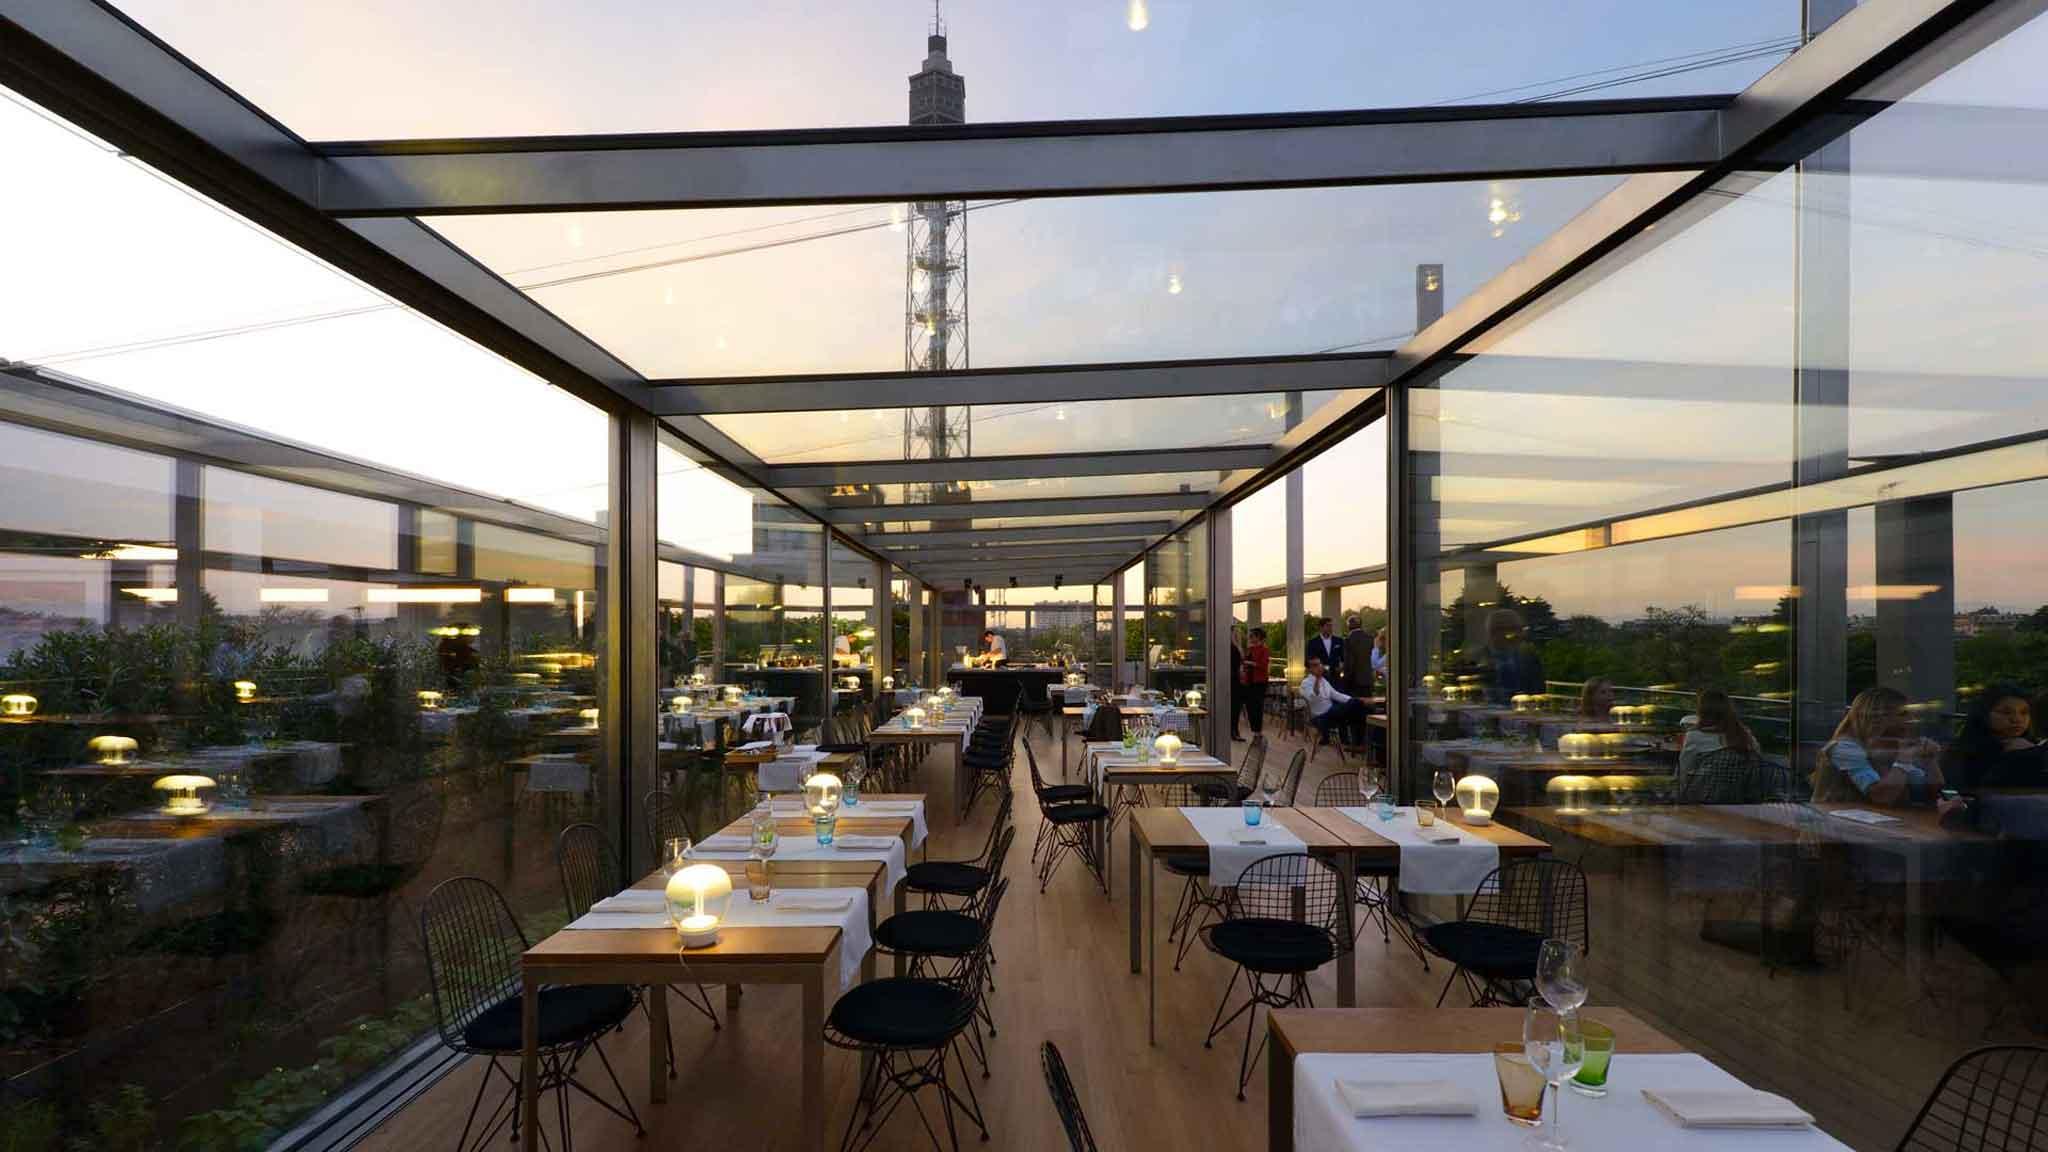 terrazza-triennale-ristorante